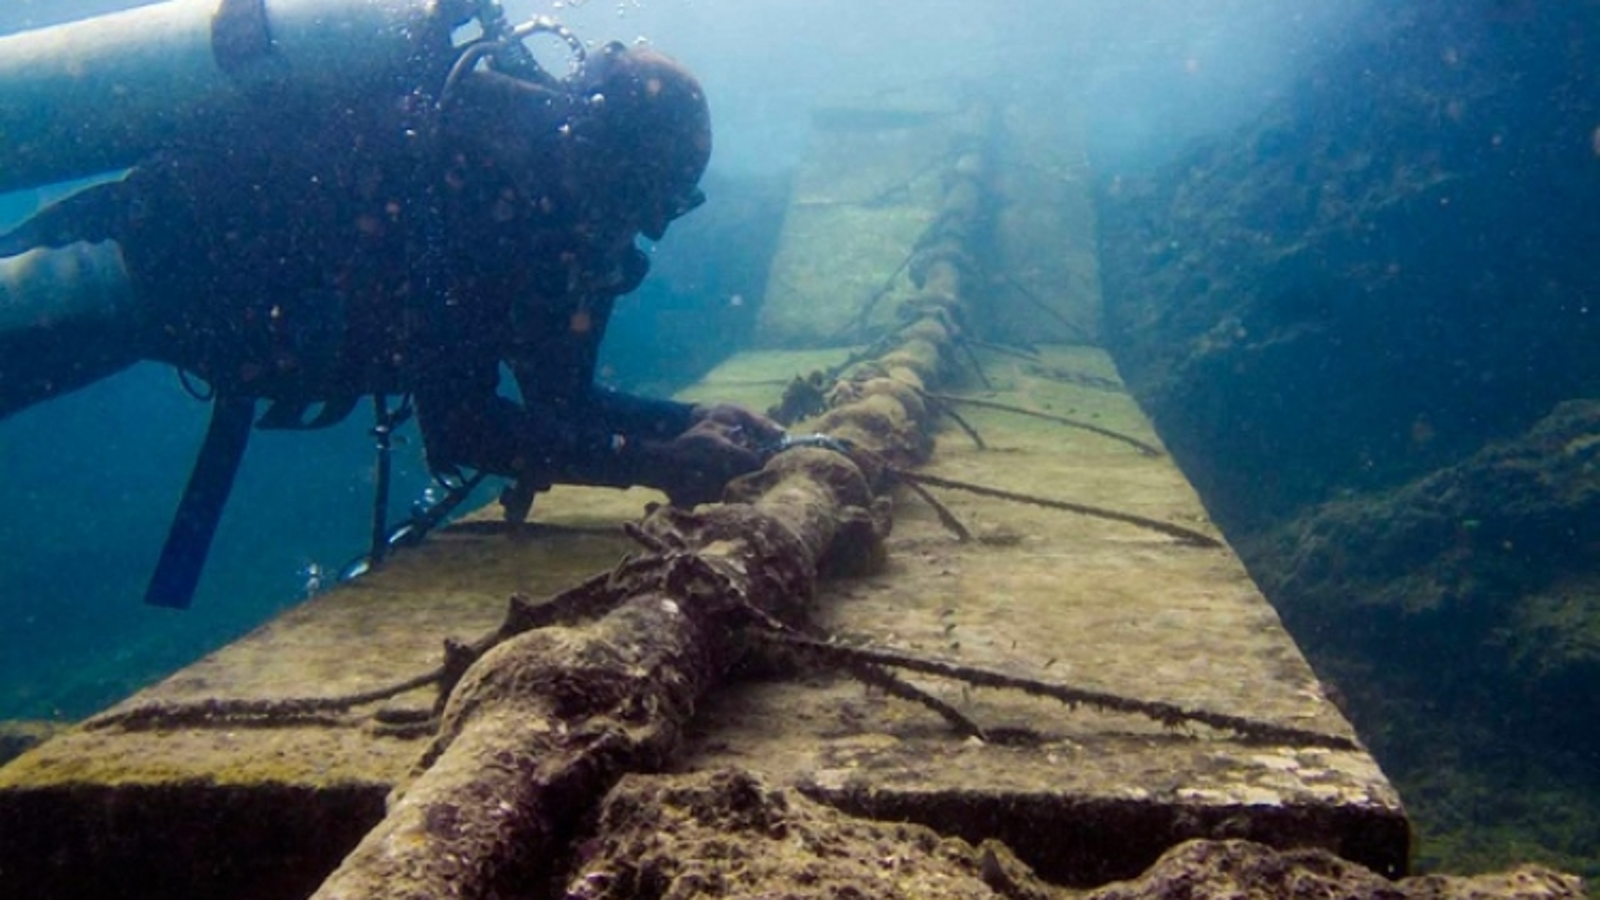 Cuộc chiến cáp ngầm ở Thái Bình Dương: Mỹ và Trung Quốc, ai trên cơ?